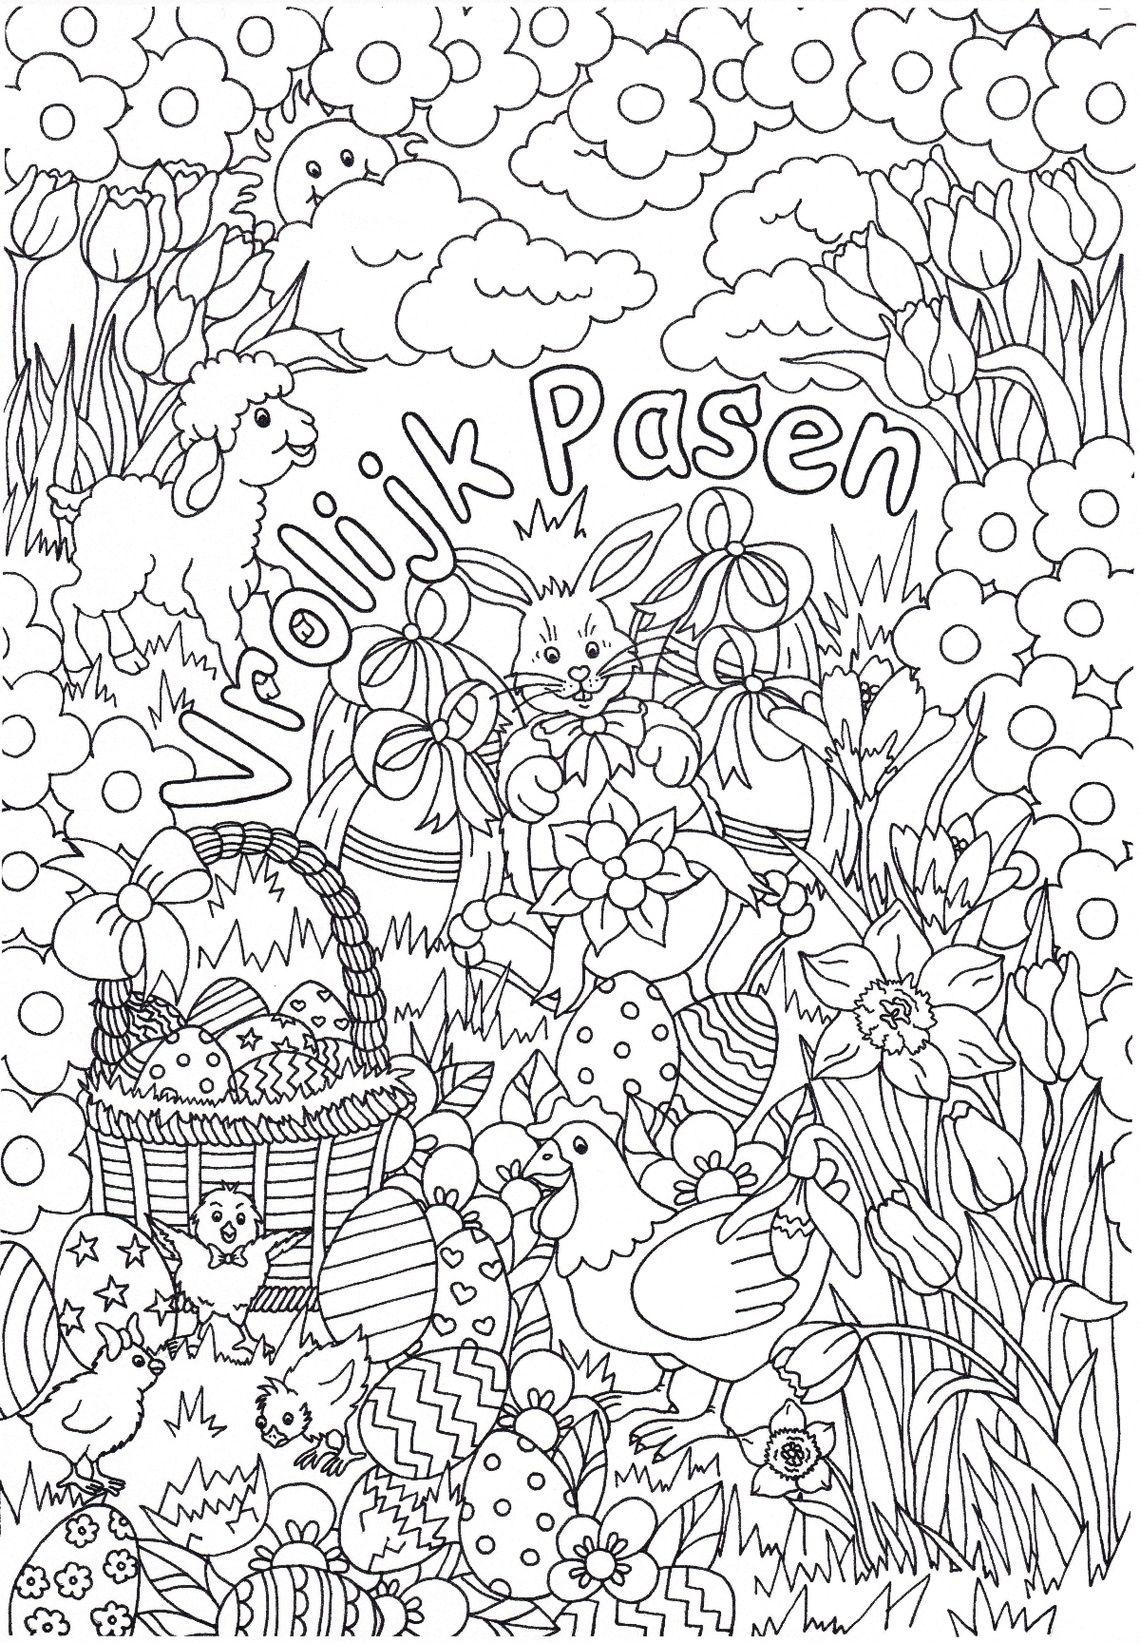 Pin Van Mariet Slot Op Kleurplaten Pasen Zwart En Witte Achtergrond Kleurplaten Knutselen Pasen